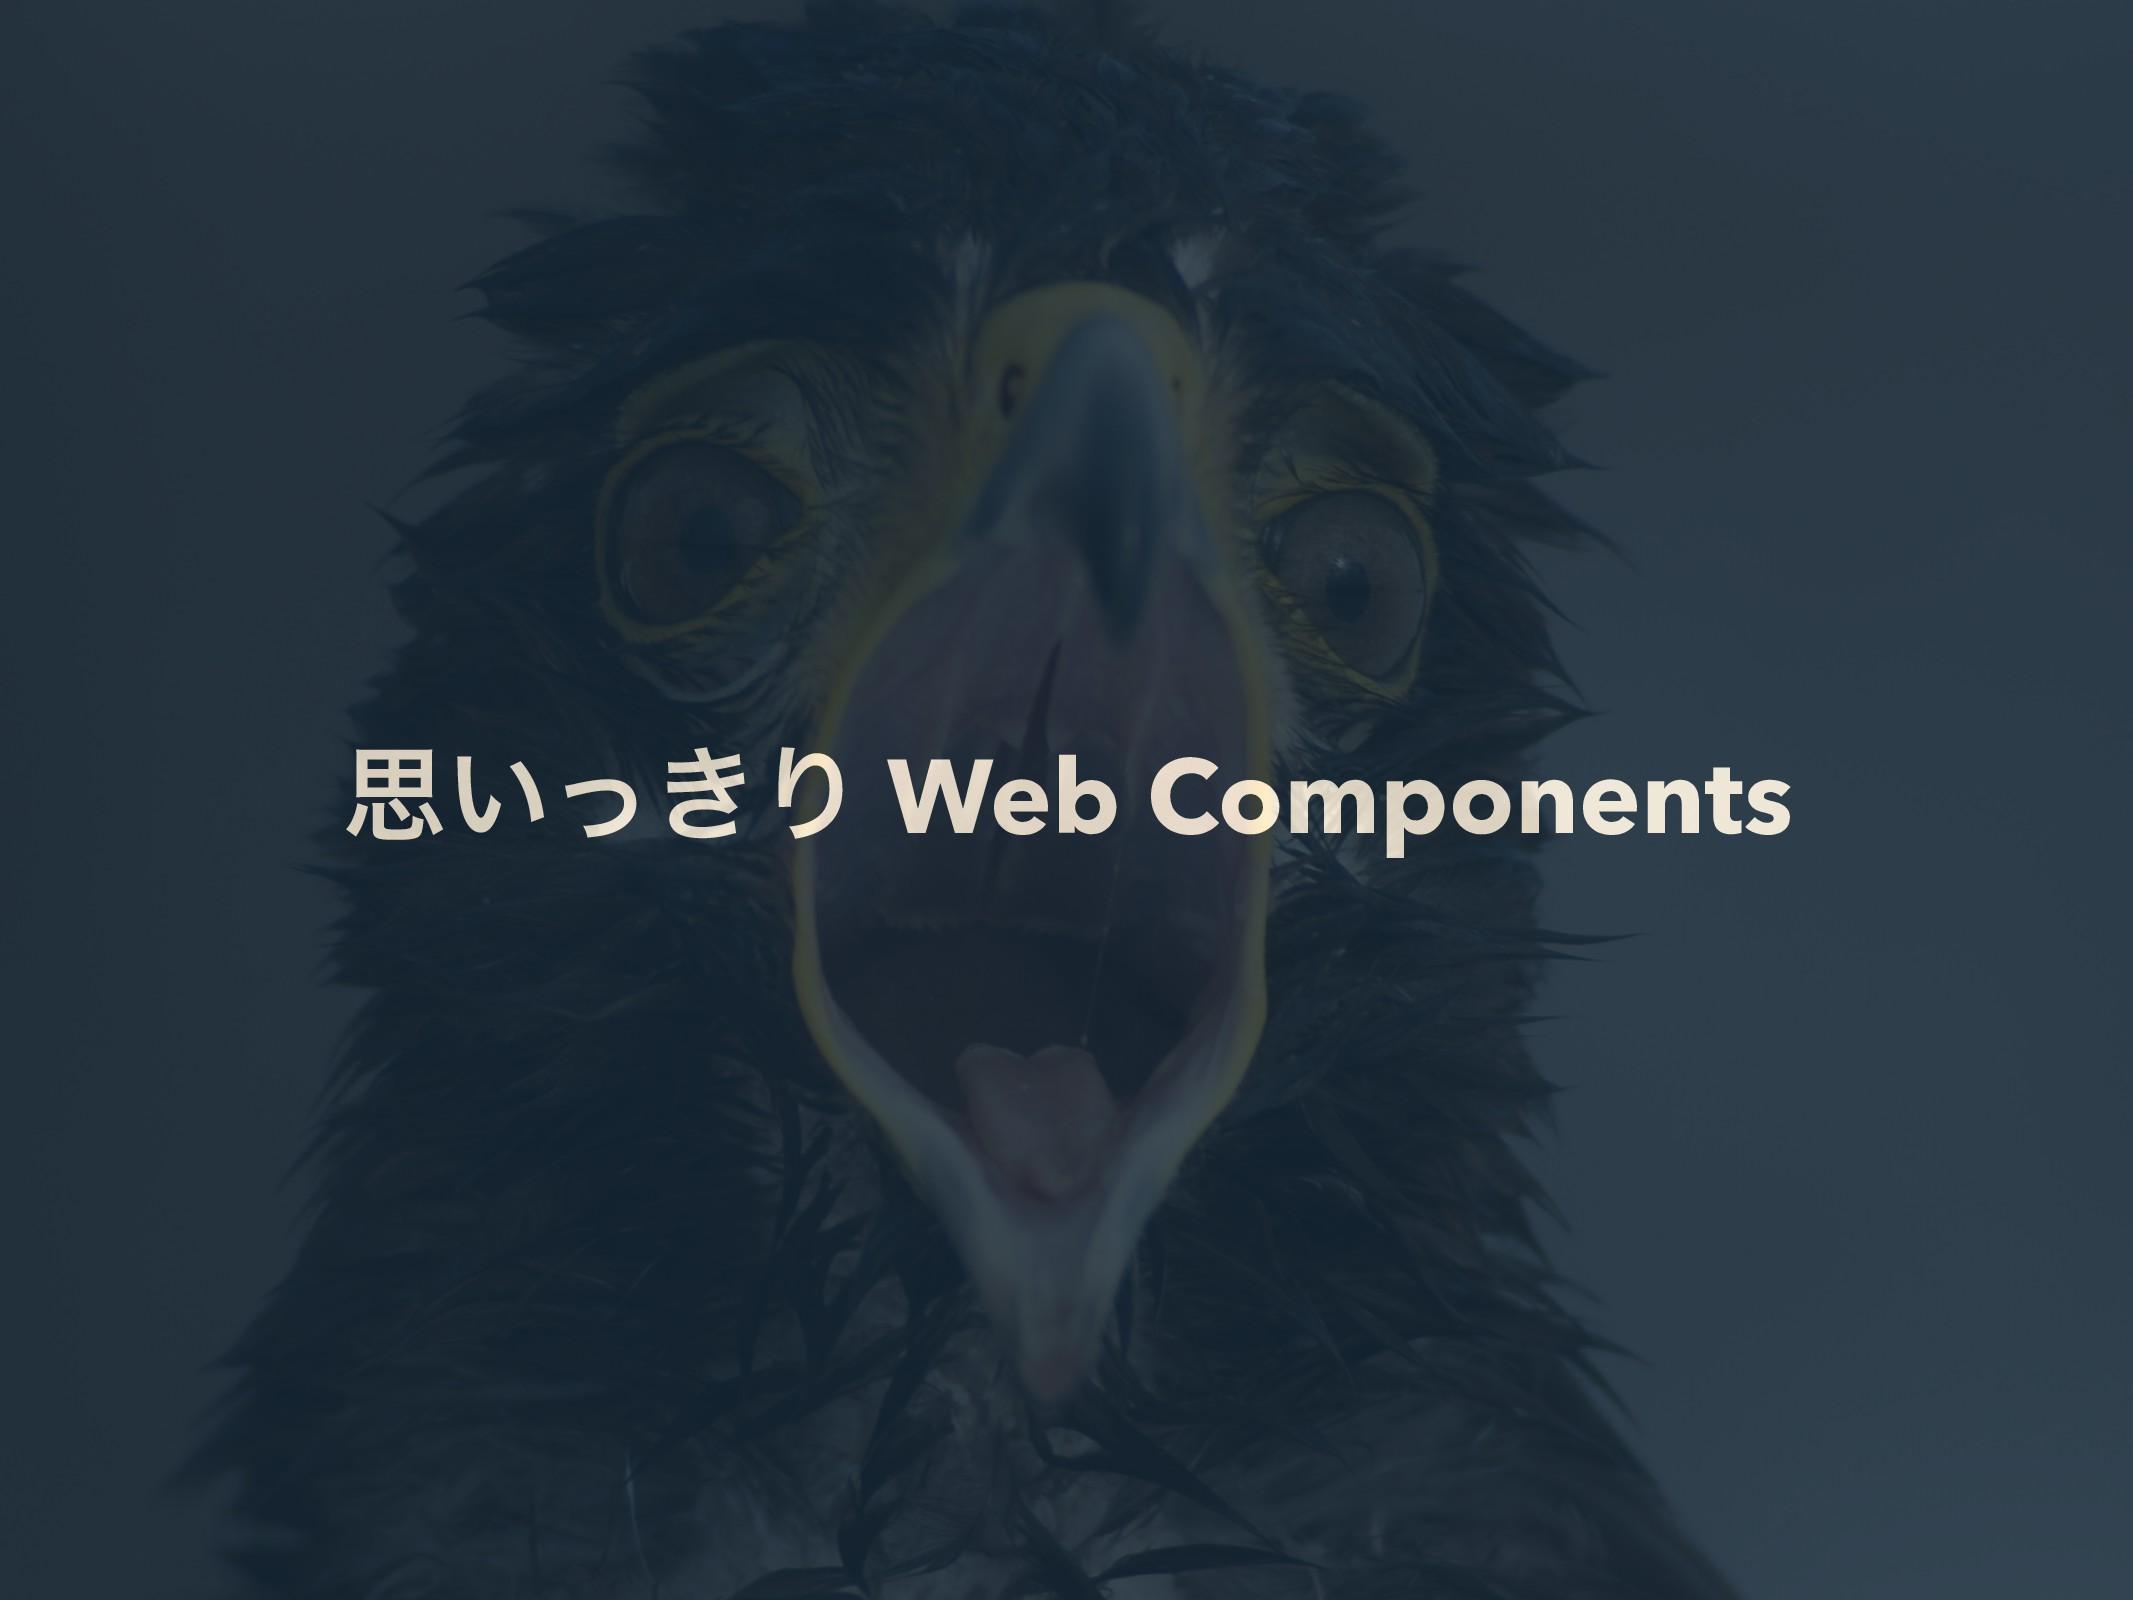 ࢥ͍͖ͬΓ Web Components